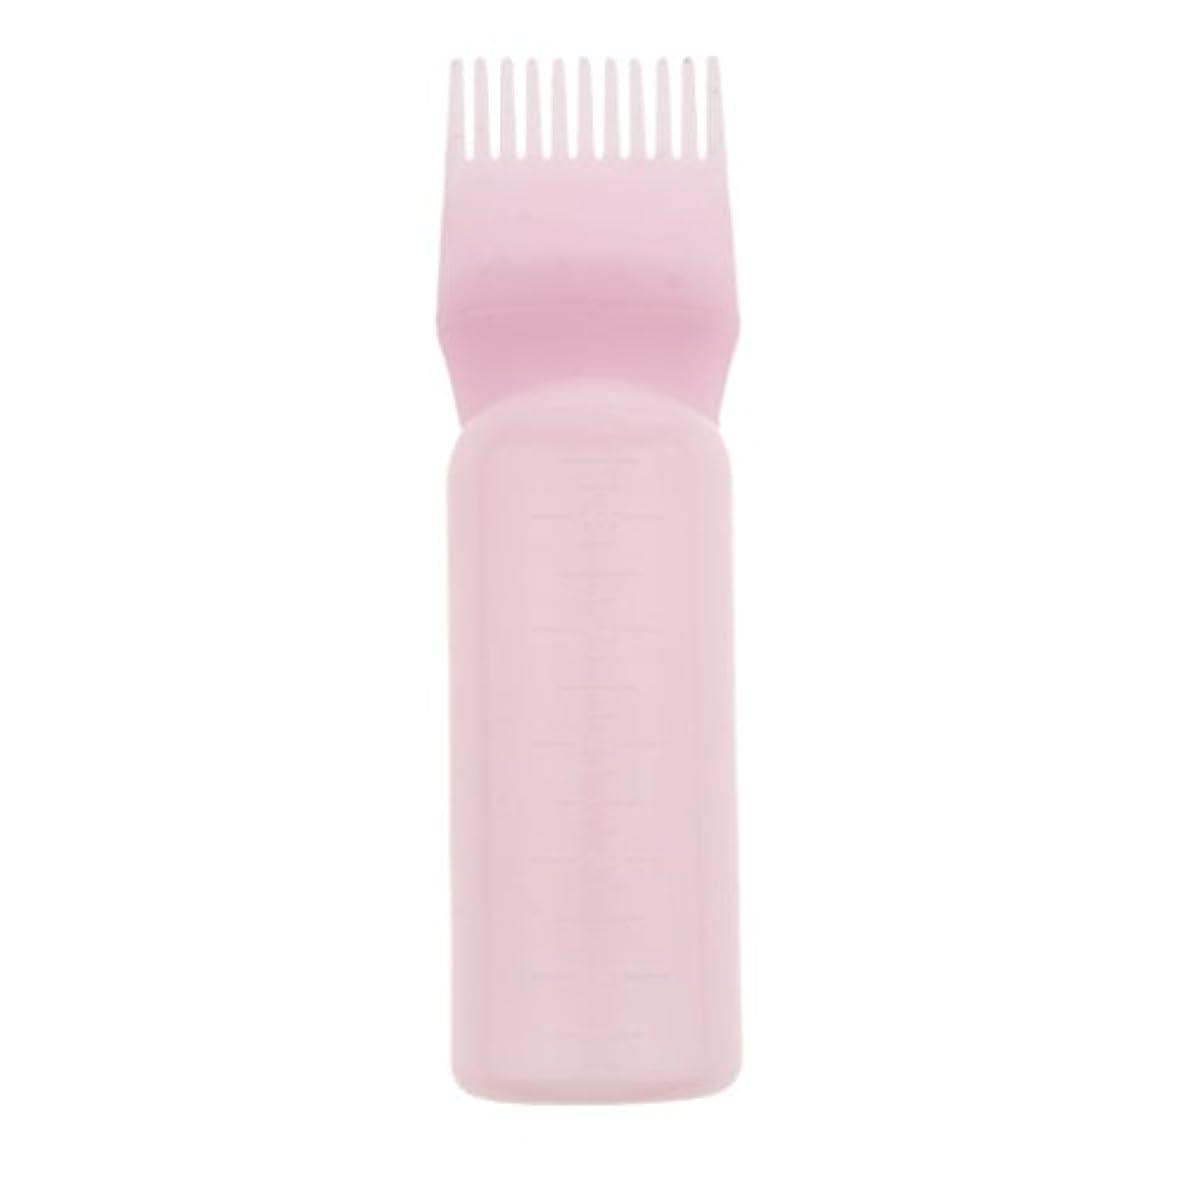 忘れられない即席小麦粉DYNWAVE 髪染め ヘアカラー ヘアダイ ボトル ディスペンサーブラシ ヘアサロン 2タイプ選べる - ピンク